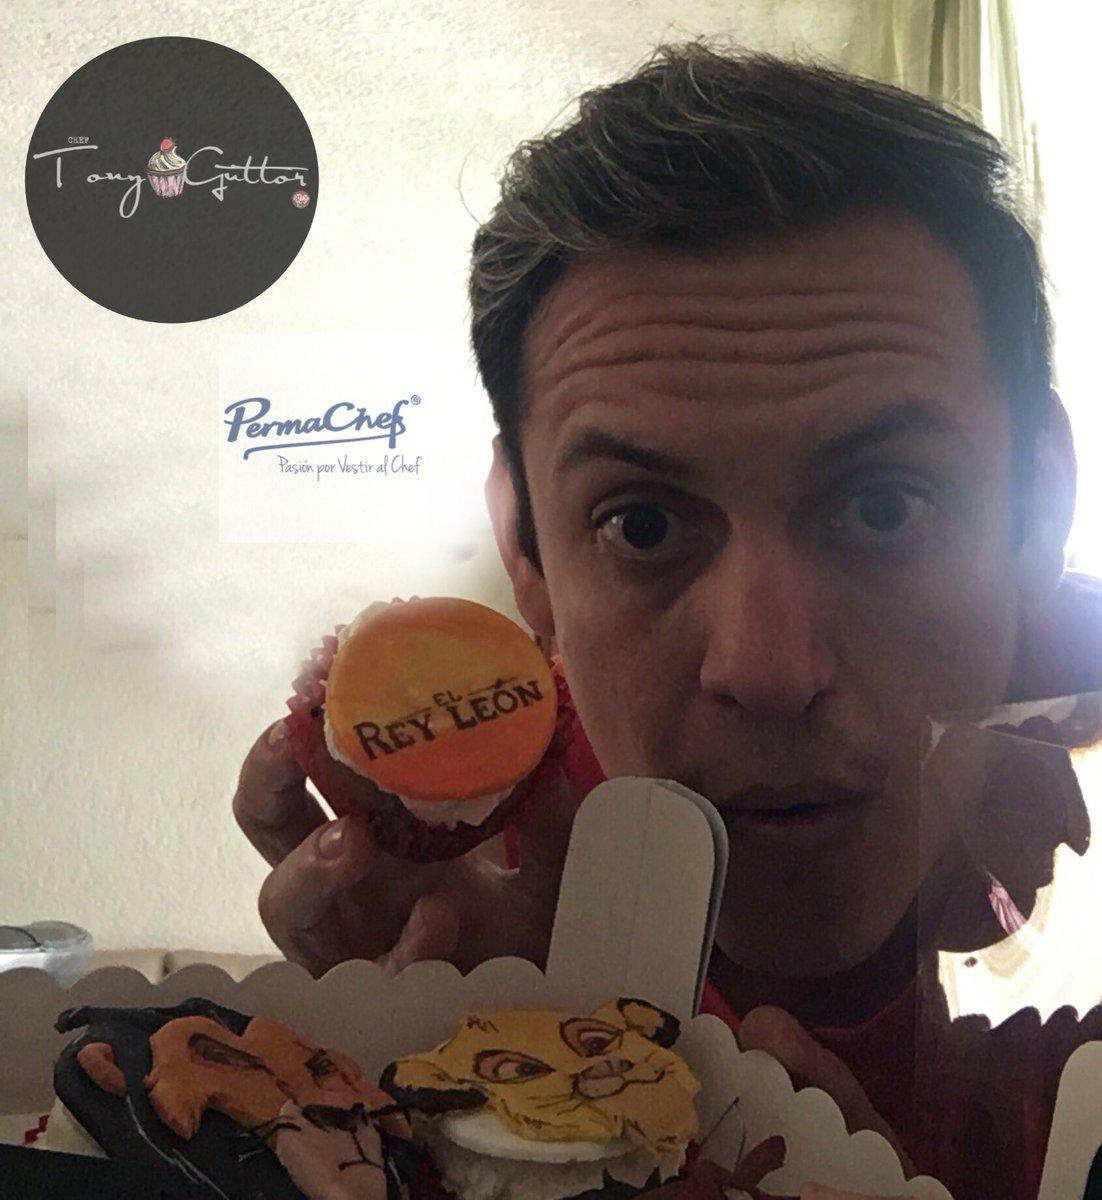 Cupcakes Rey León  #TeamCupcakelicious #DeliveringFlavor #SoyPermachef #pastrylife #pastry #elreyleon